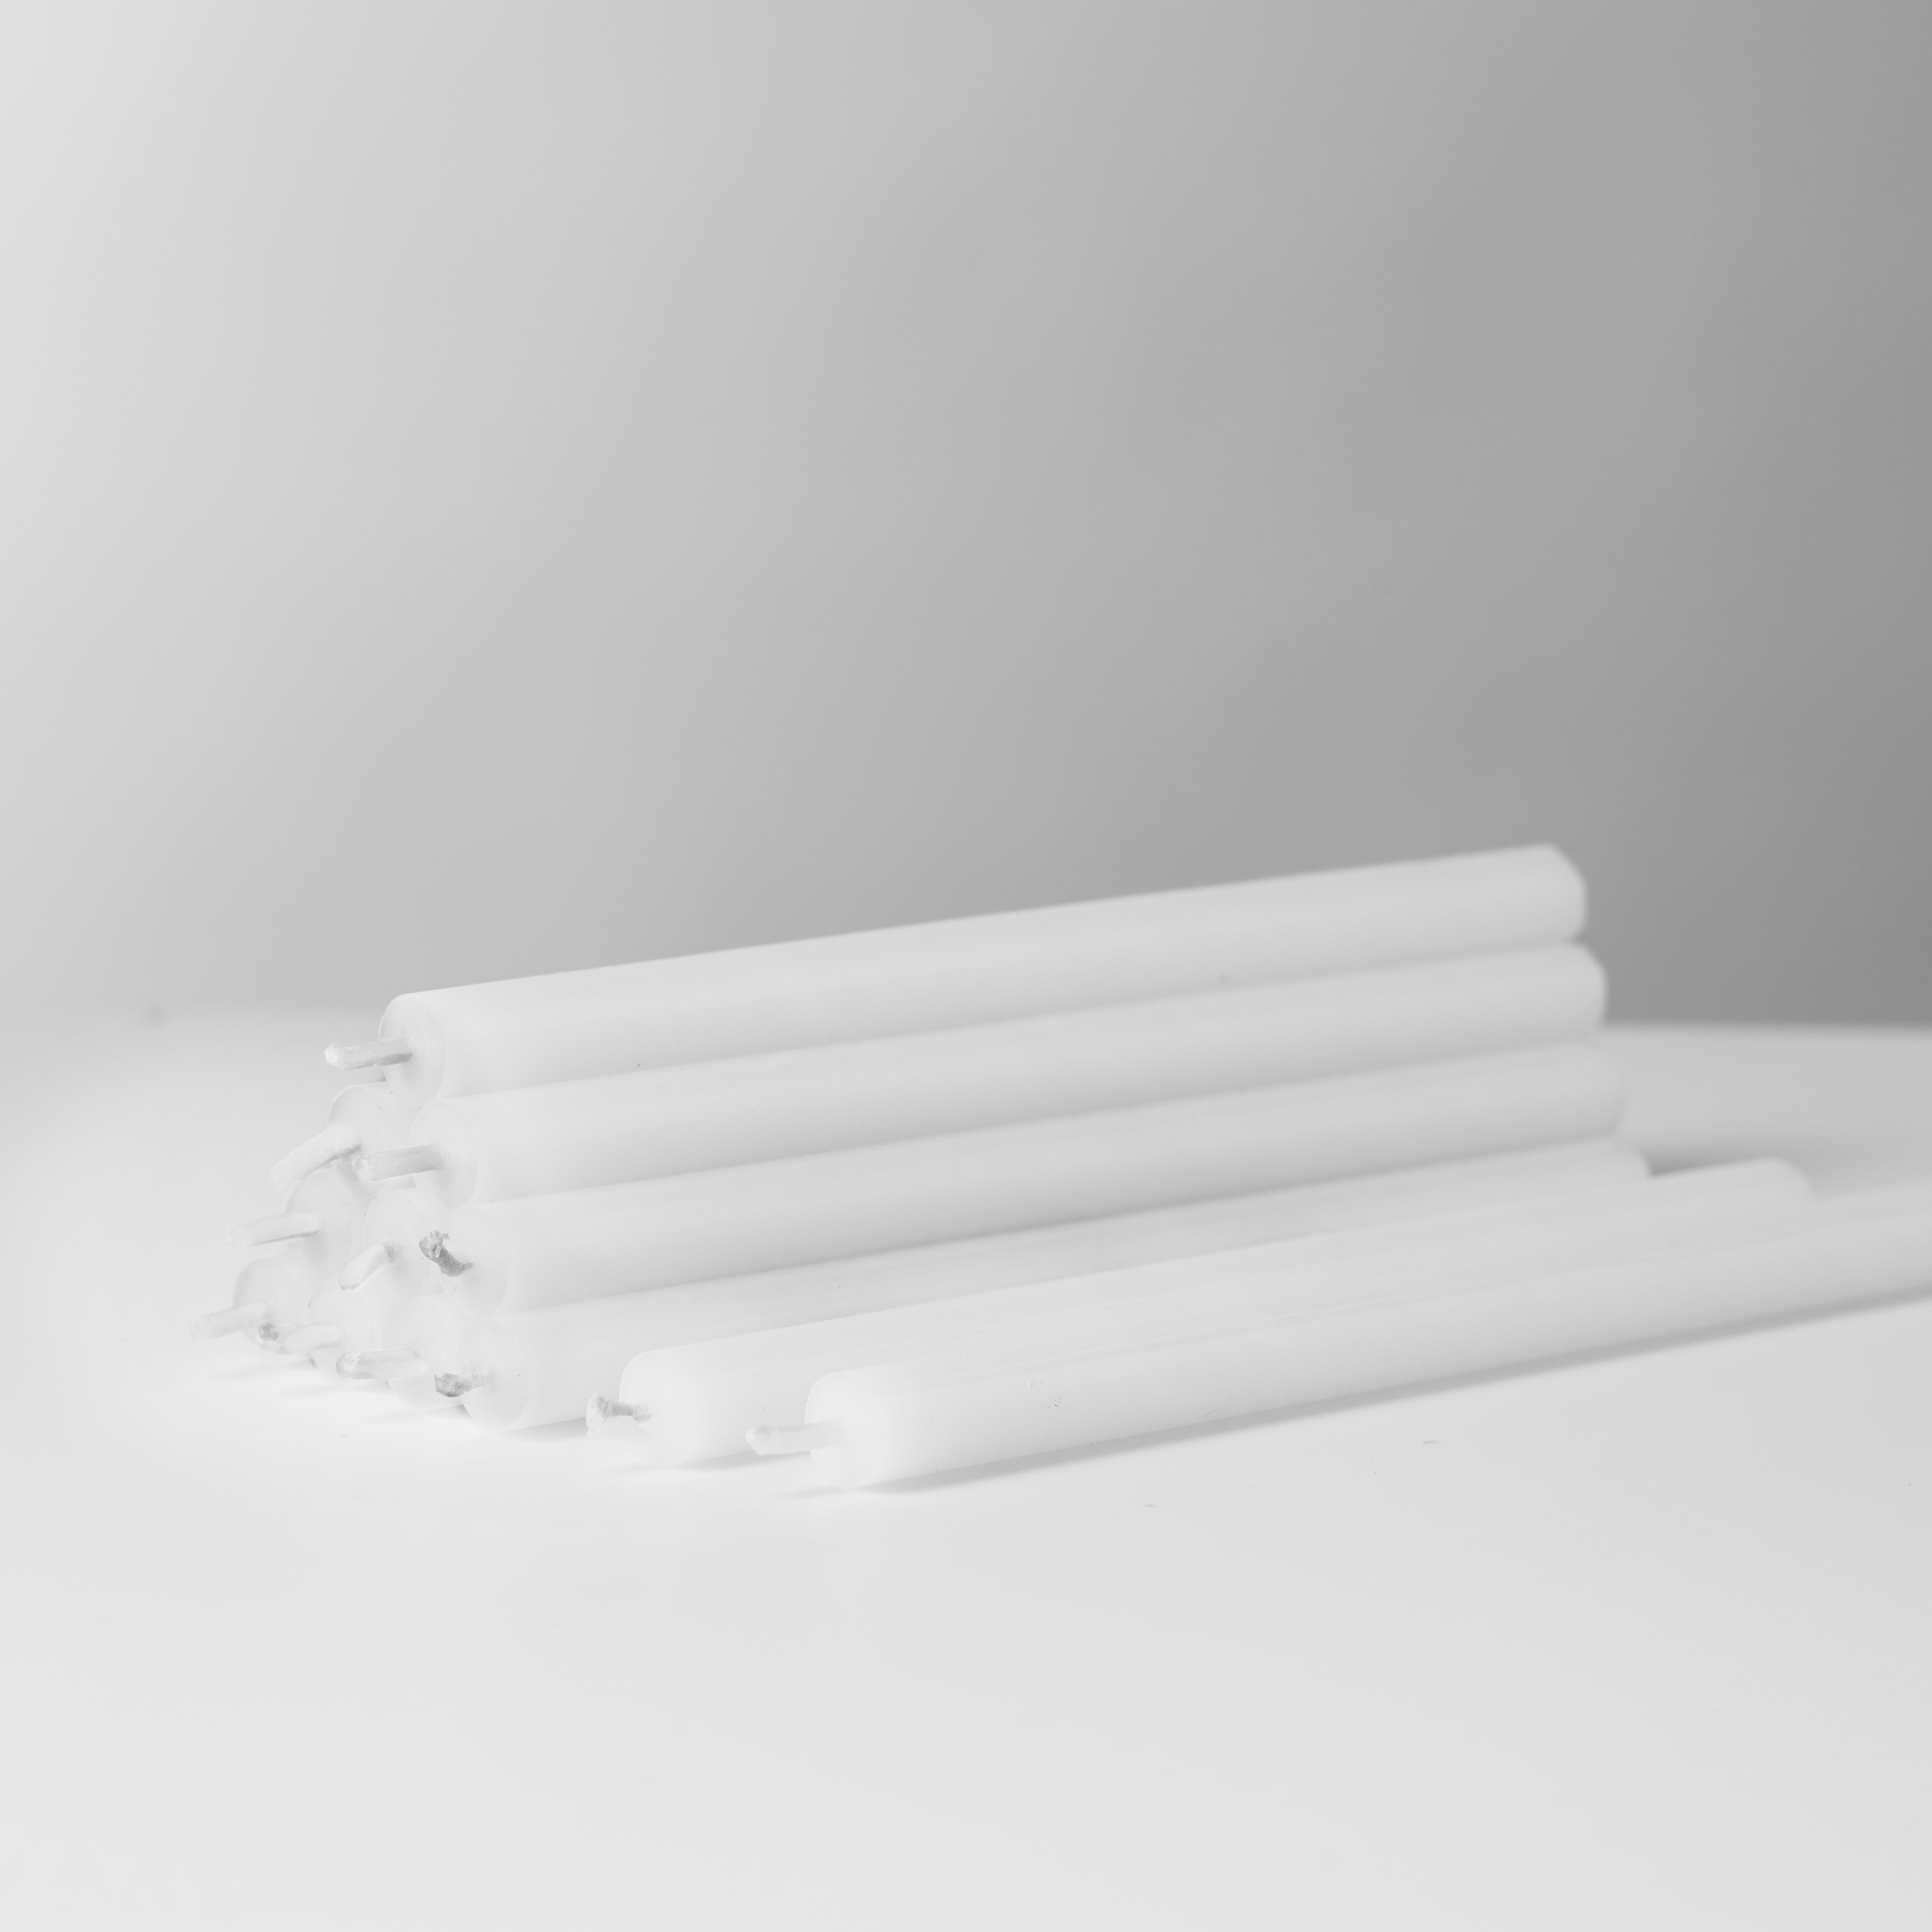 Stoff Nagel kertelys, hvid, 12 stk